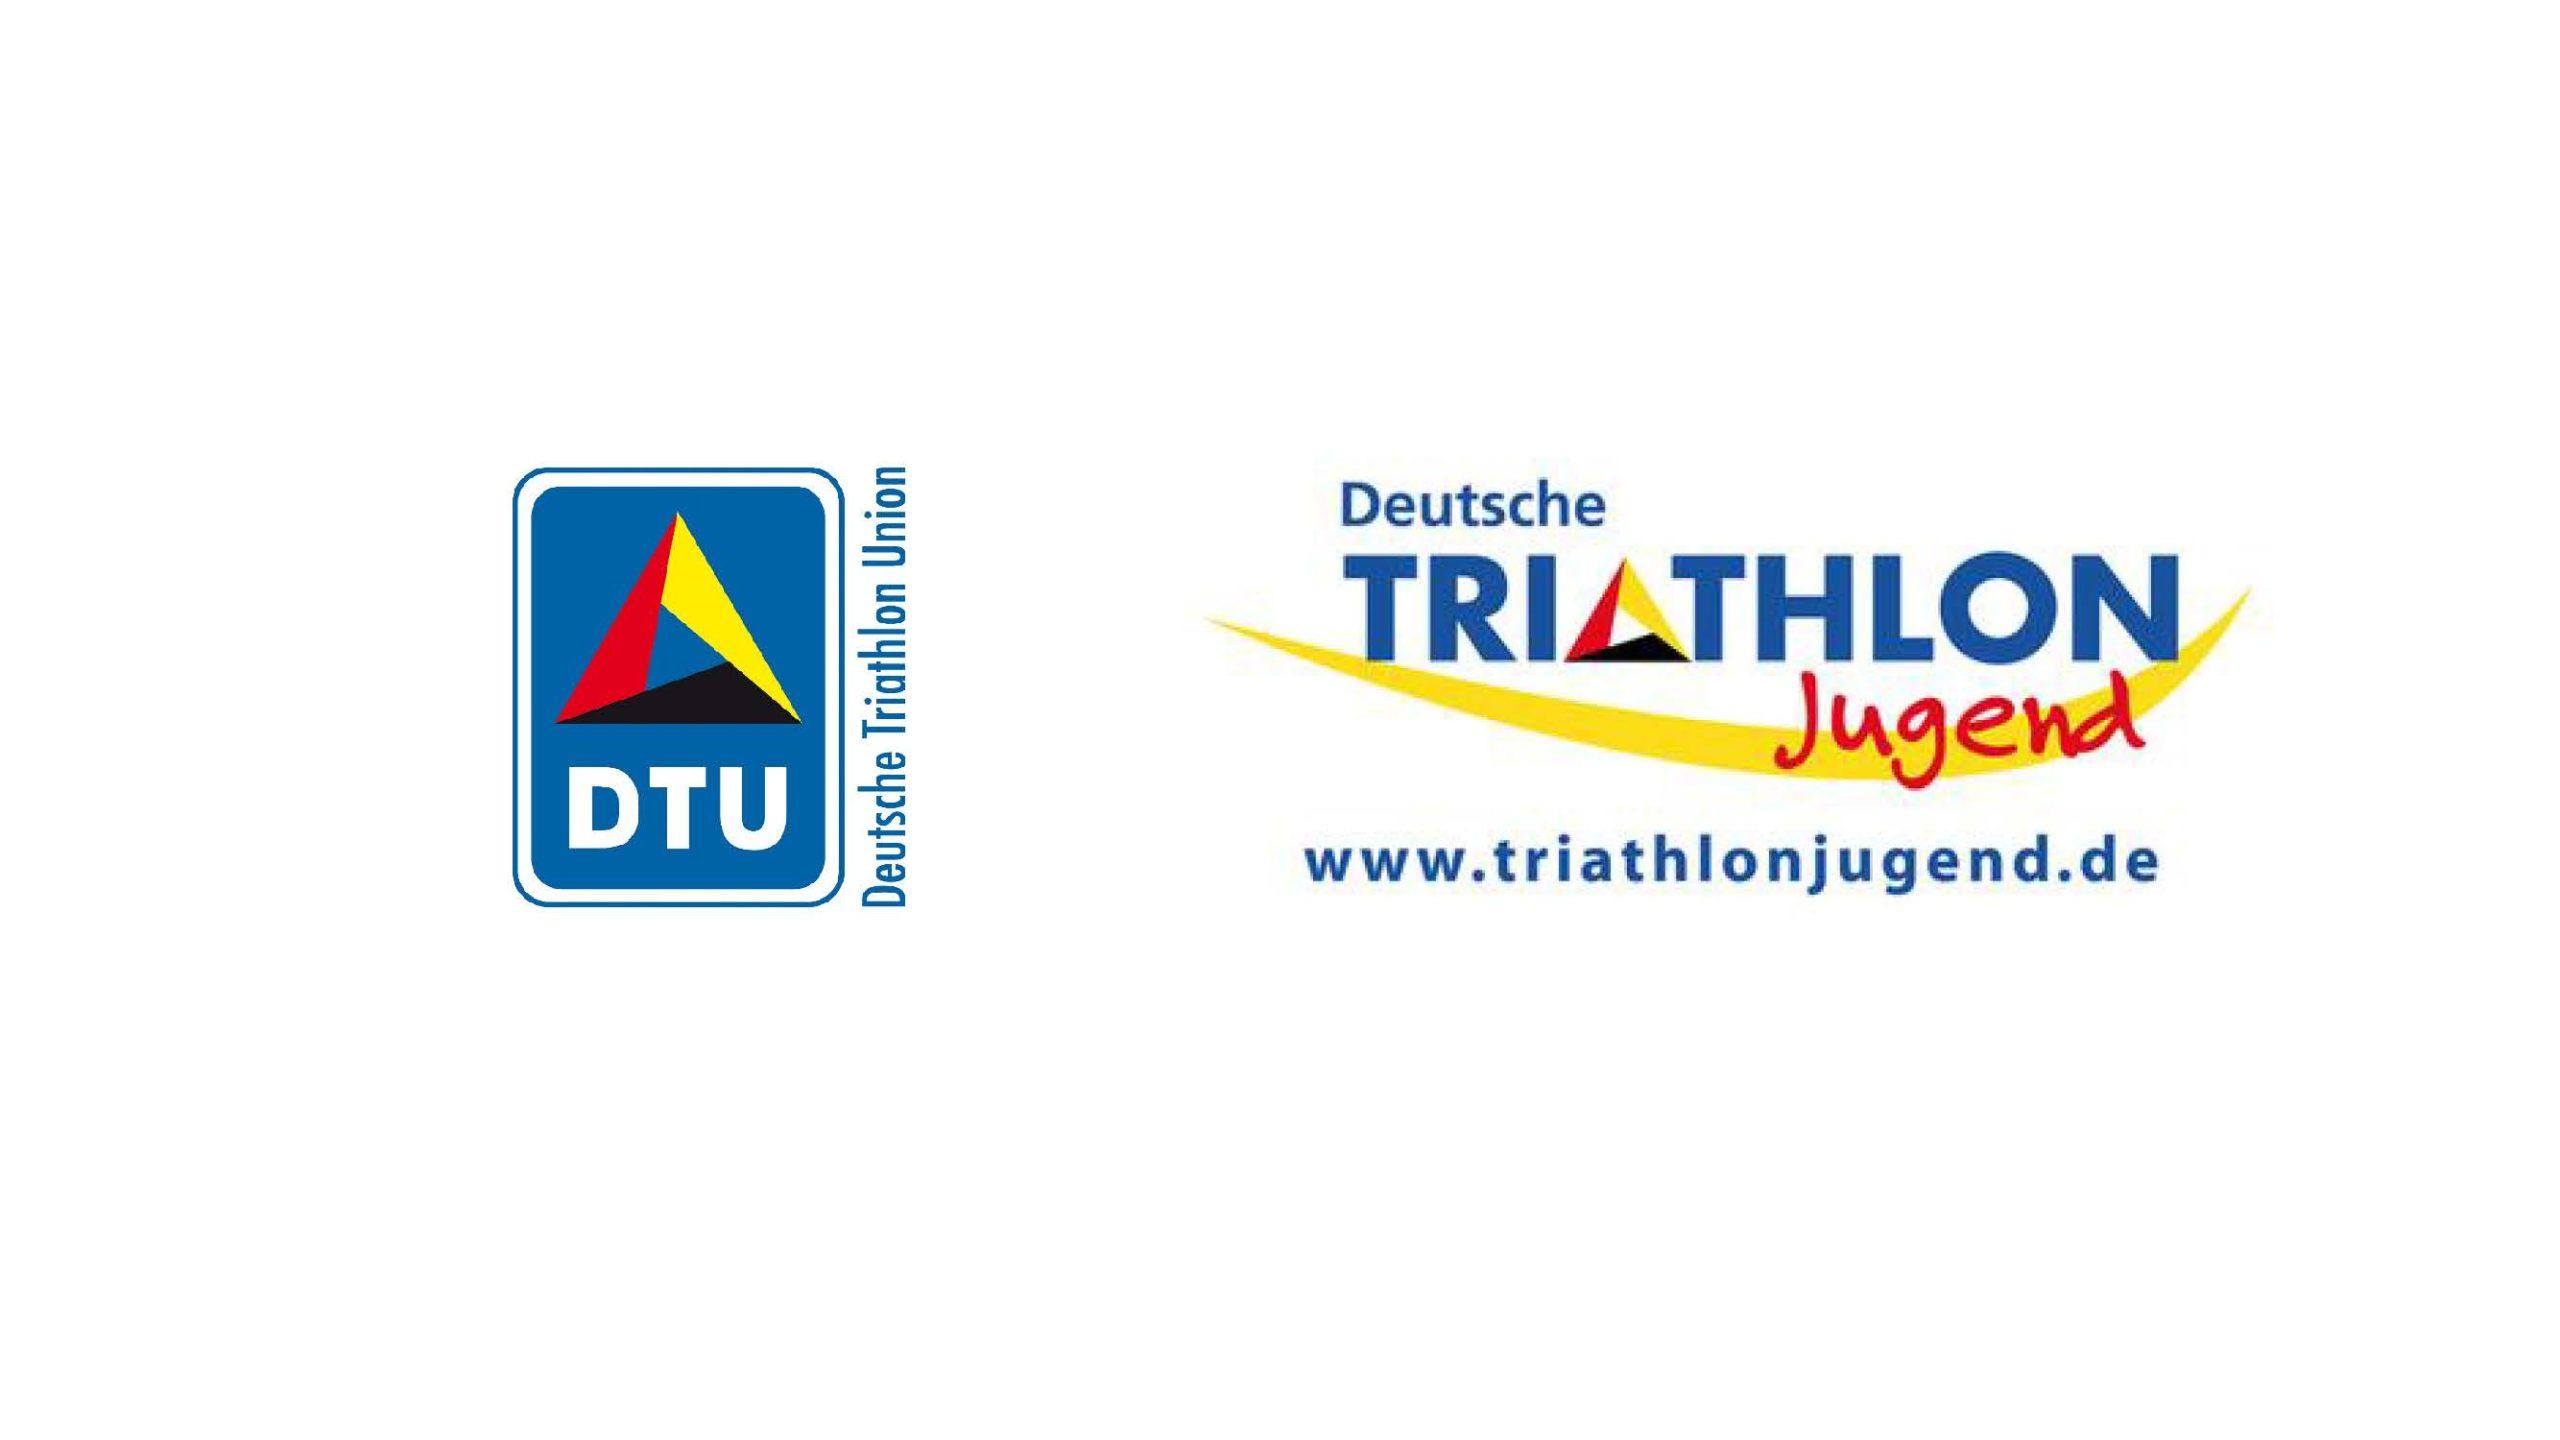 Deutsche Triathlon Union veröffentlicht Schutzkonzept zur Prävention sexualisierter Gewalt